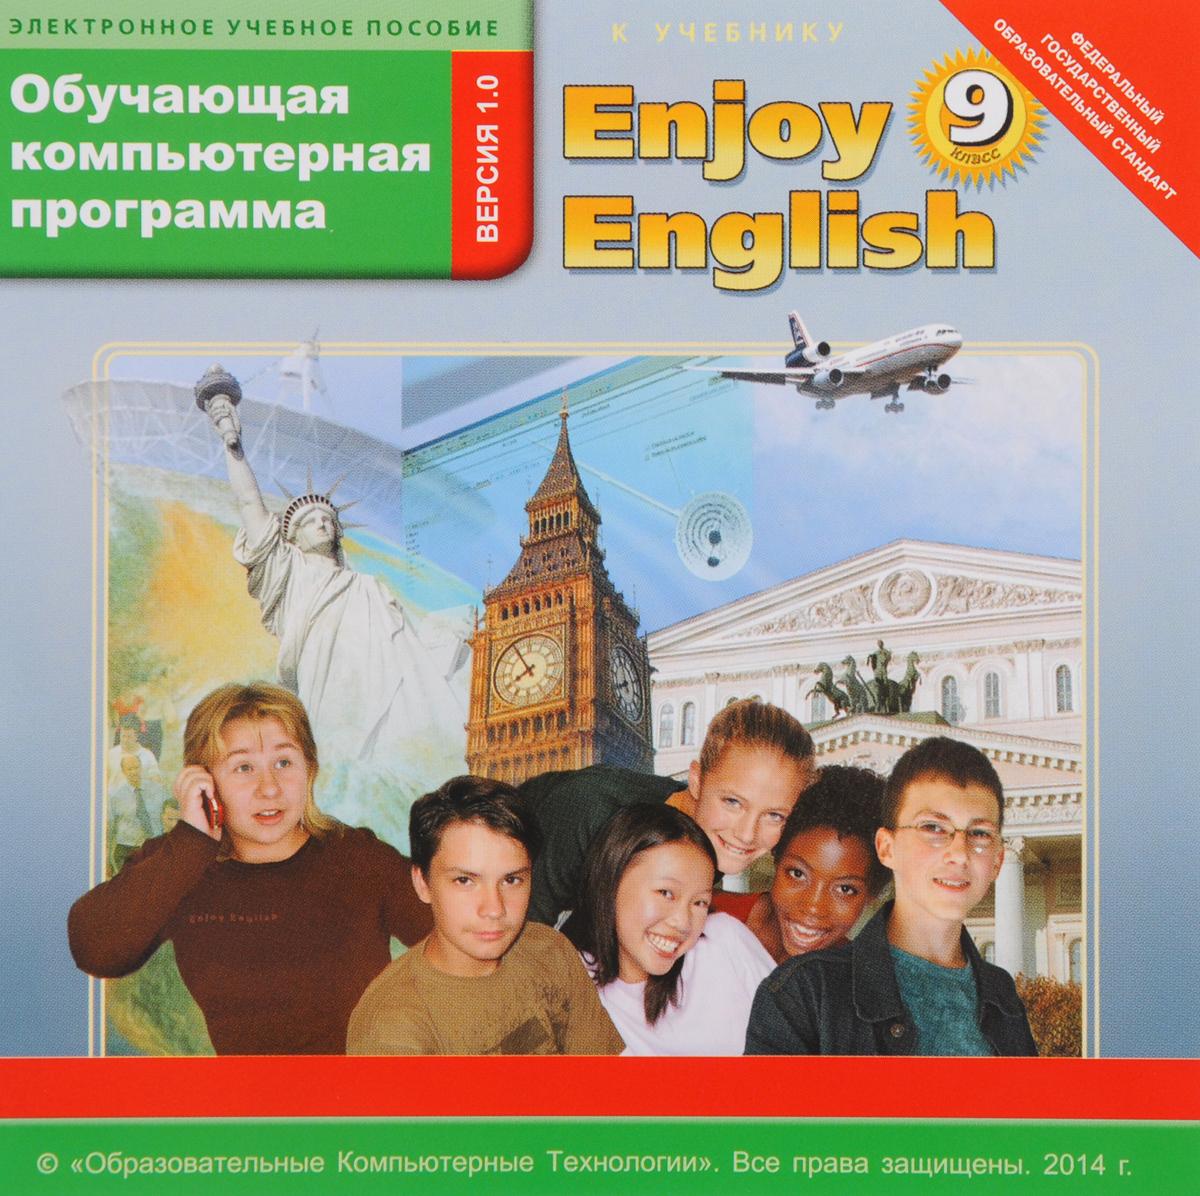 Enjoy English 9 / Английский с удовольствием. 9 класс. Обучающая компьютерная программа